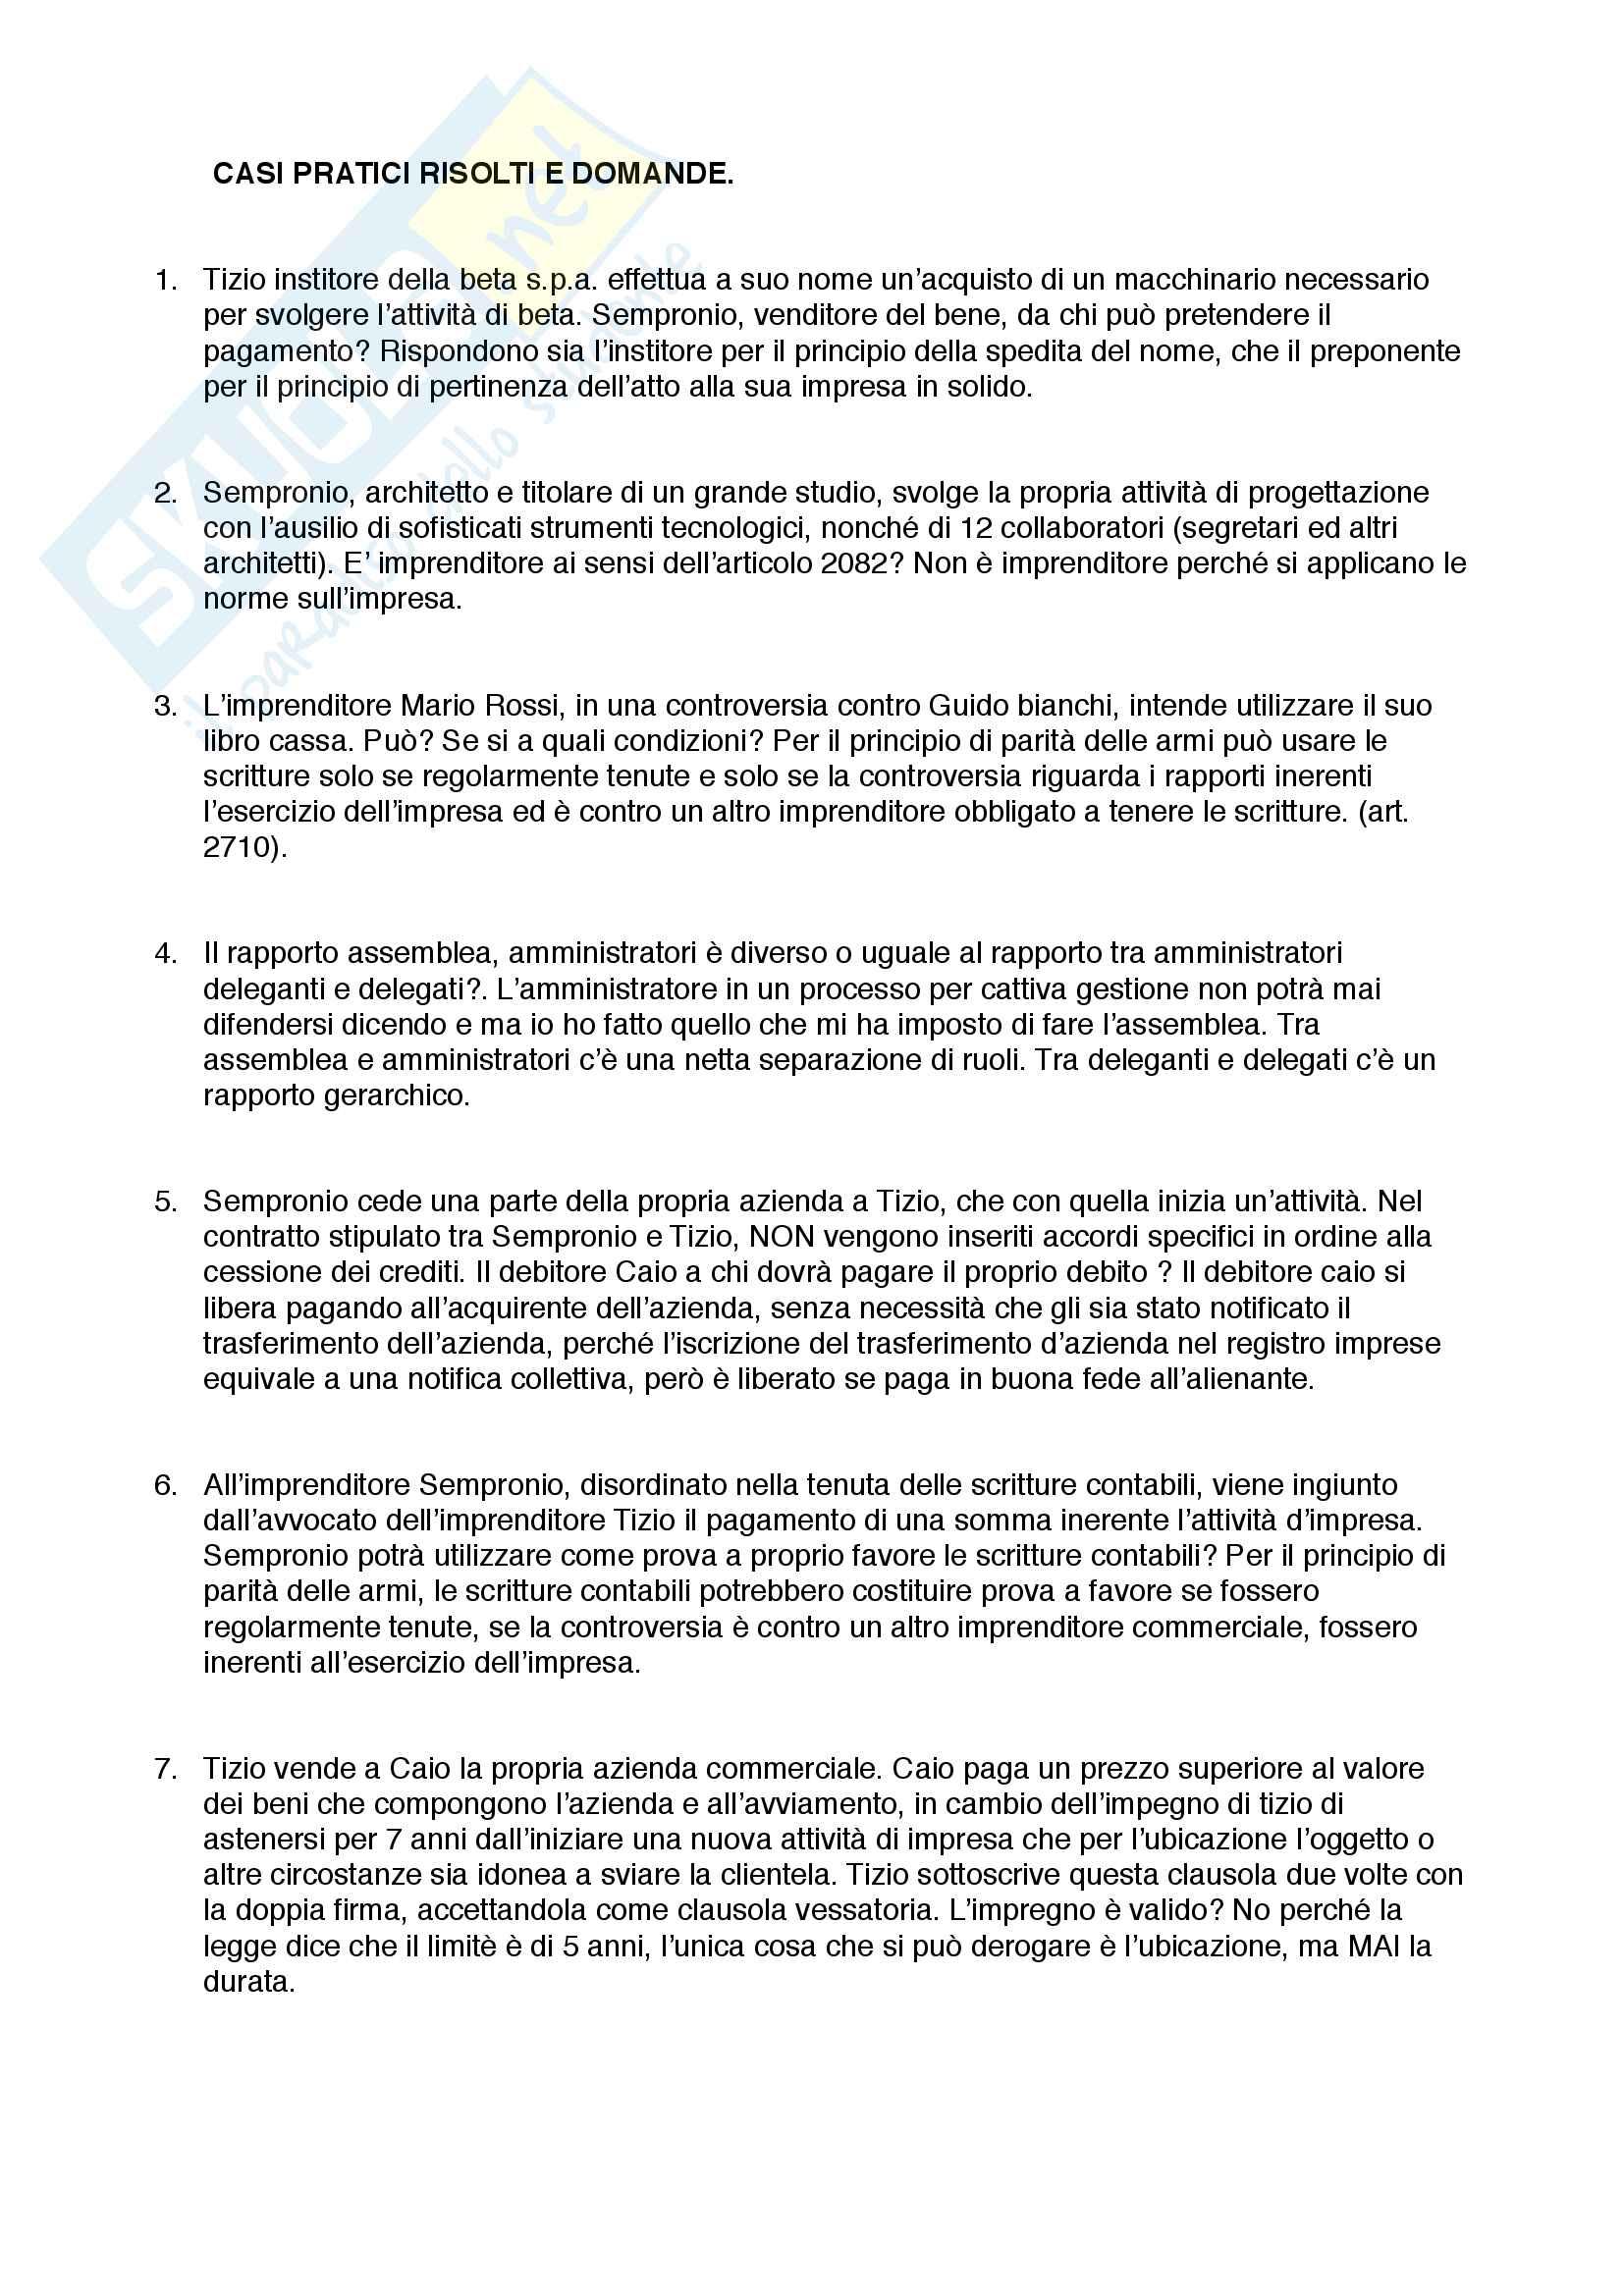 Diritto commerciale pt.3 : casi pratici e domande